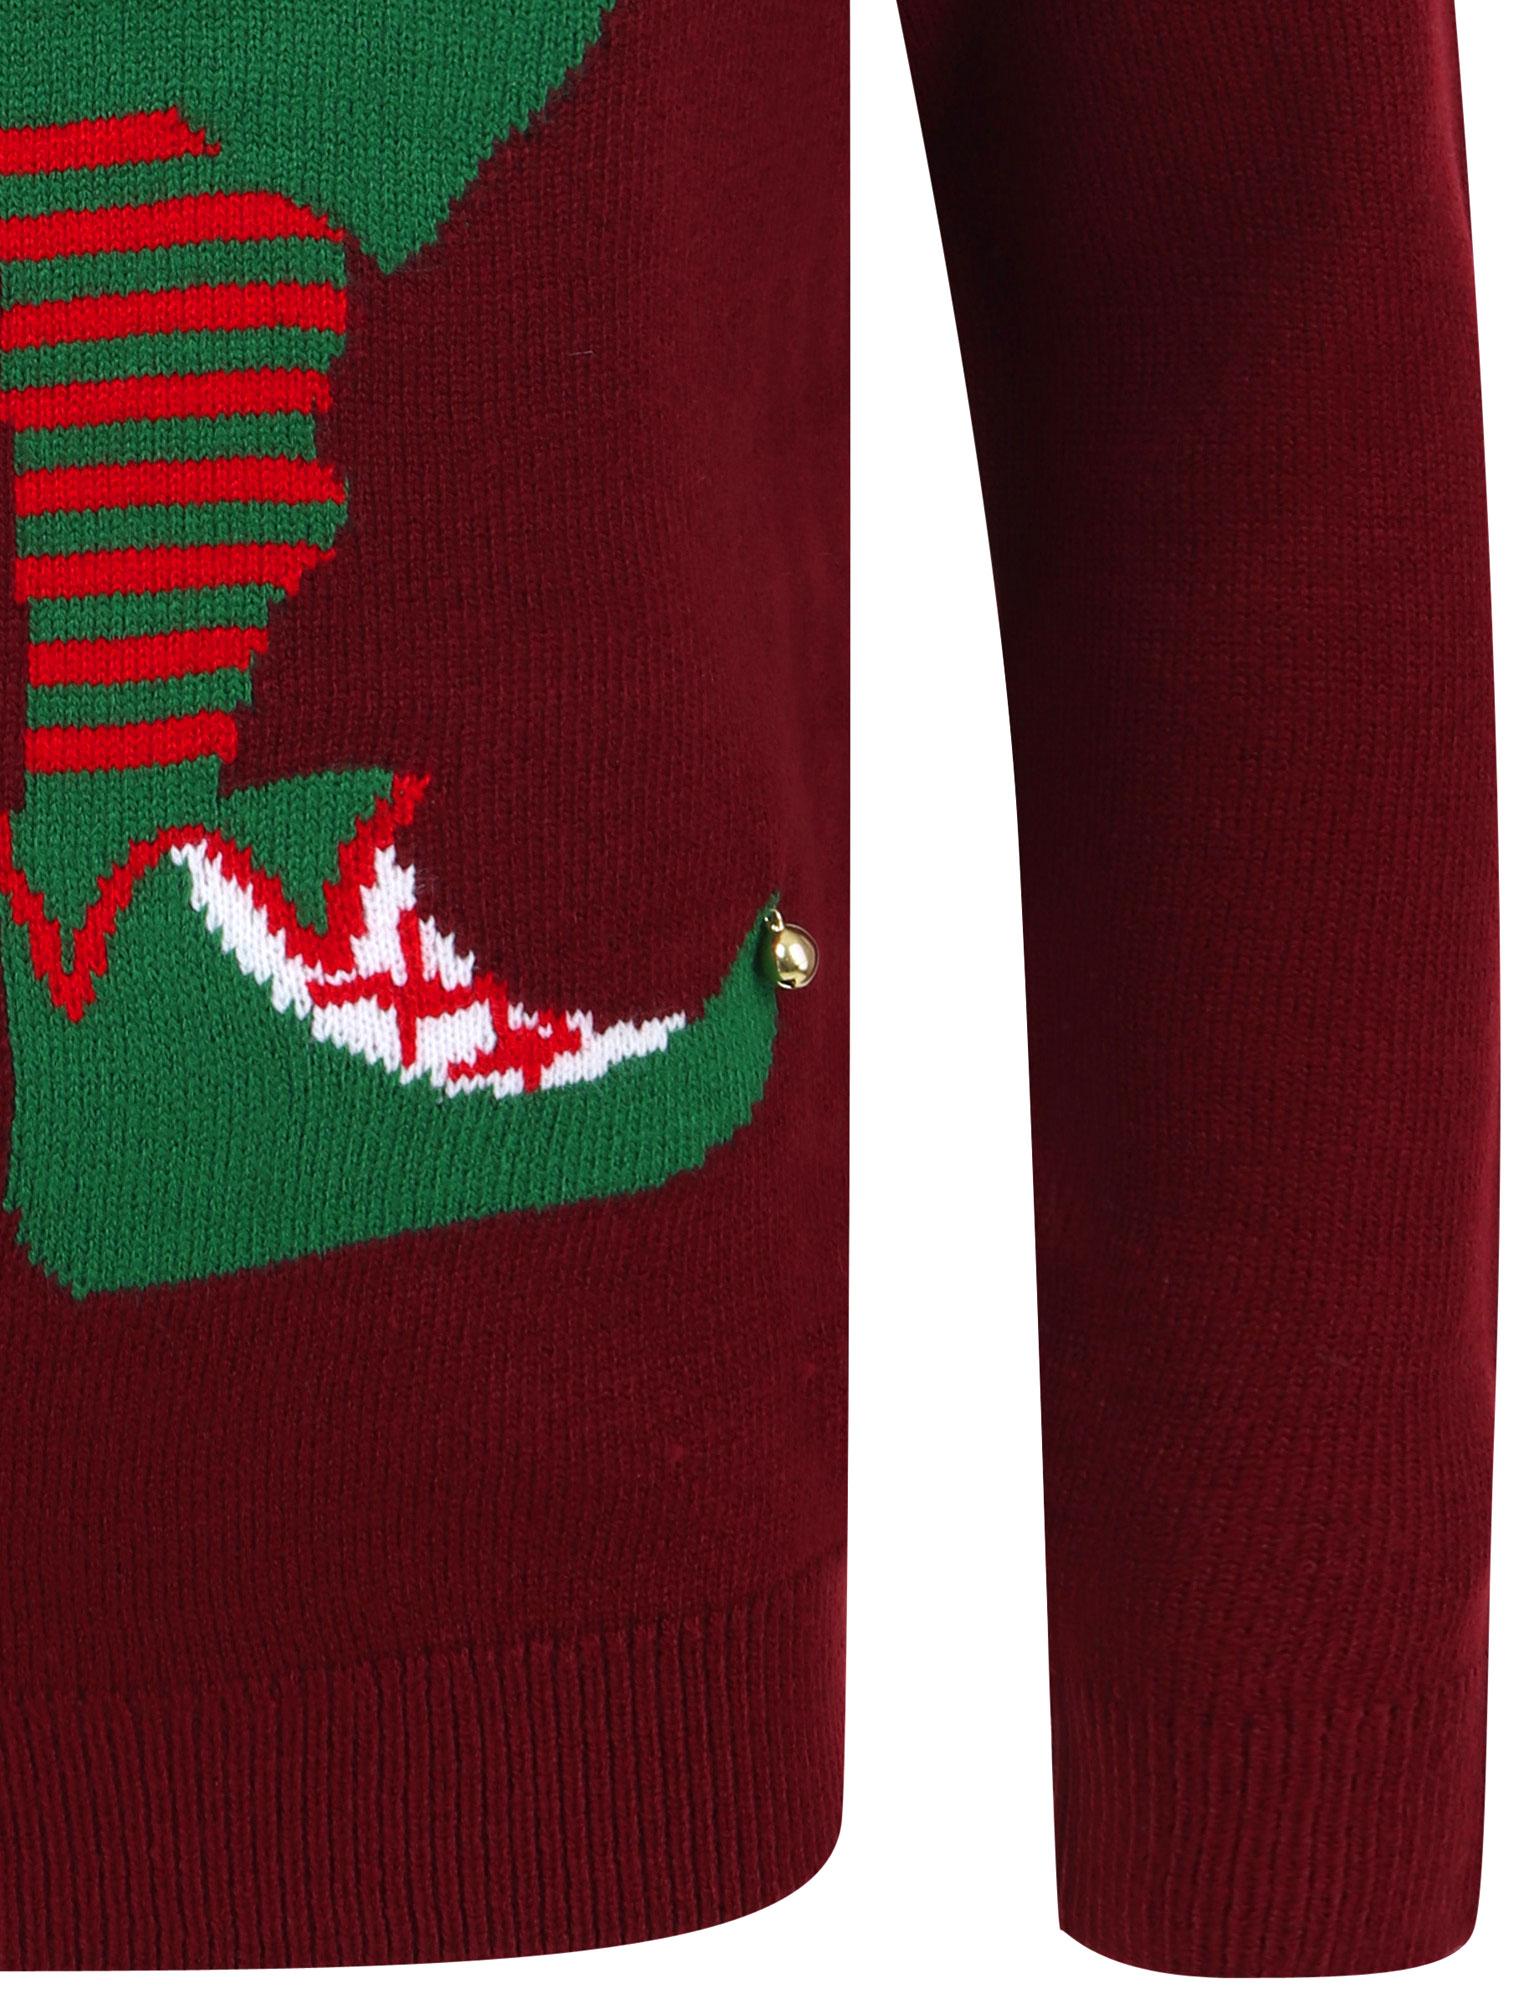 Feliz-Navidad-Para-Hombre-Novedad-Navidad-Sueter-Santa-Elfo-Reno-divertido-Cerveza miniatura 90